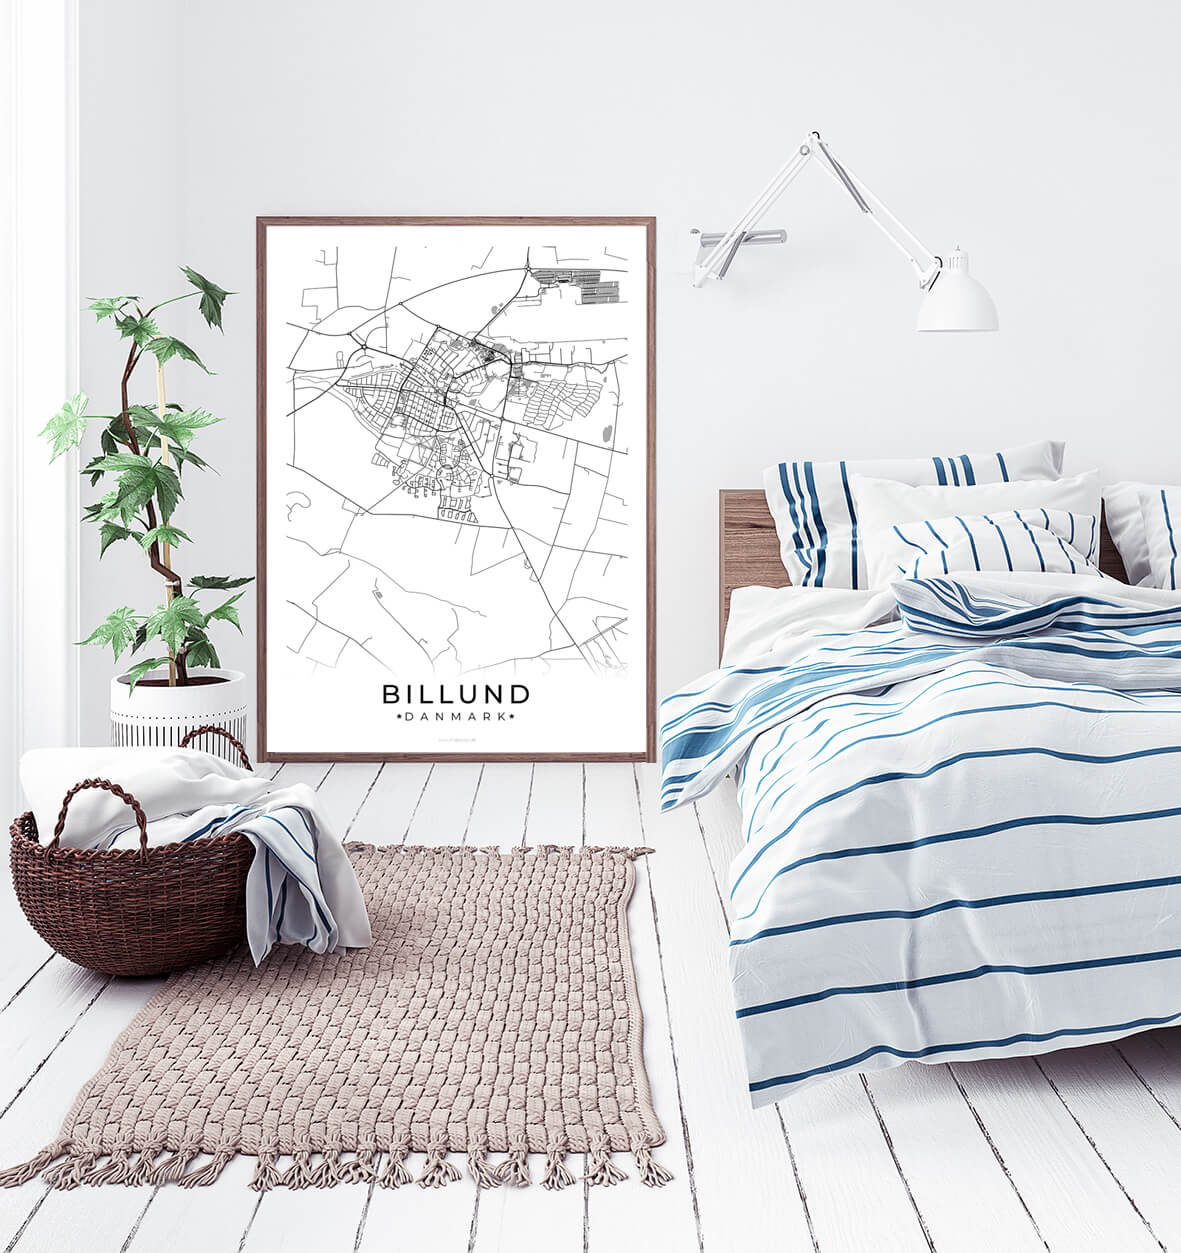 Billund-hvid-byplakat-2